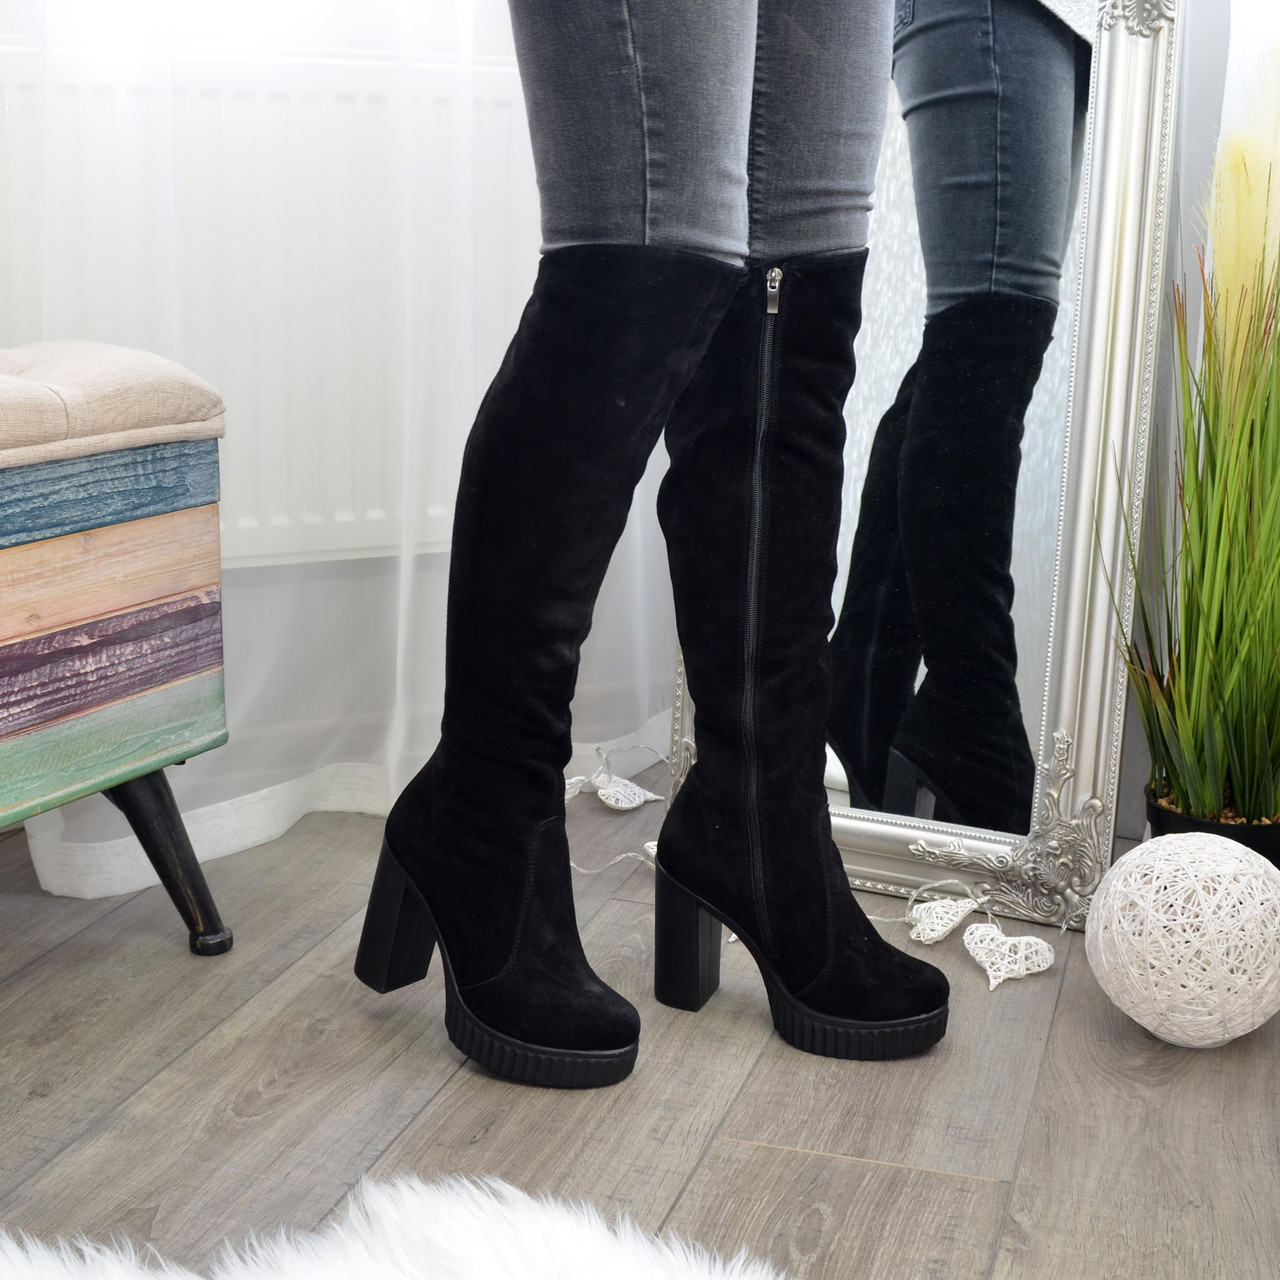 Ботфорты зимние черные замшевые на высоком устойчивом каблуке